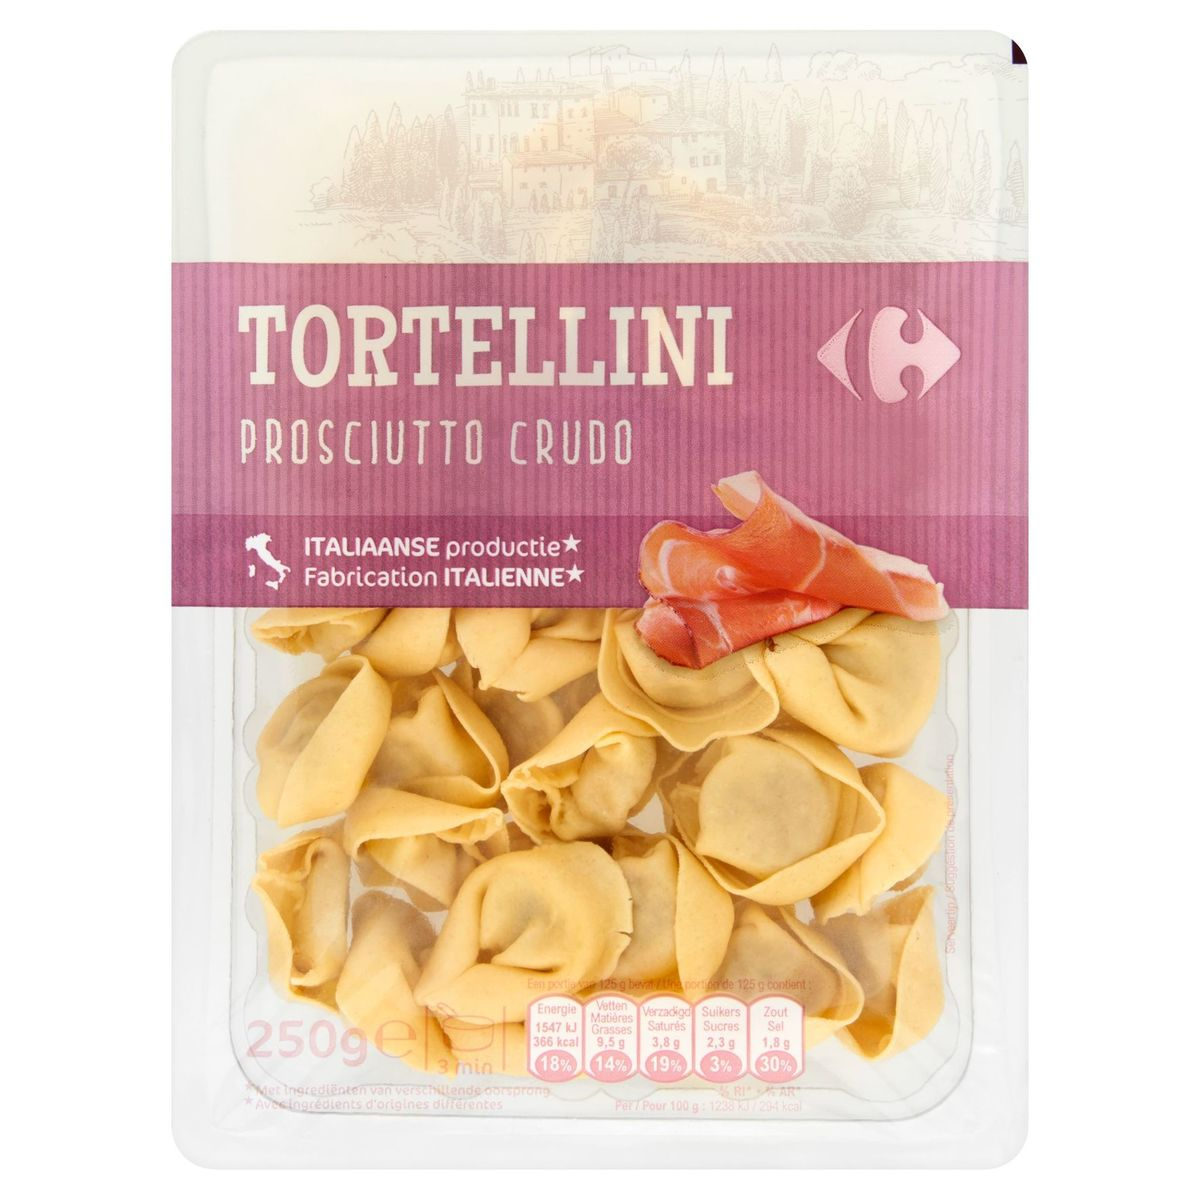 Carrefour Tortellini Prosciutto Crudo 250 g